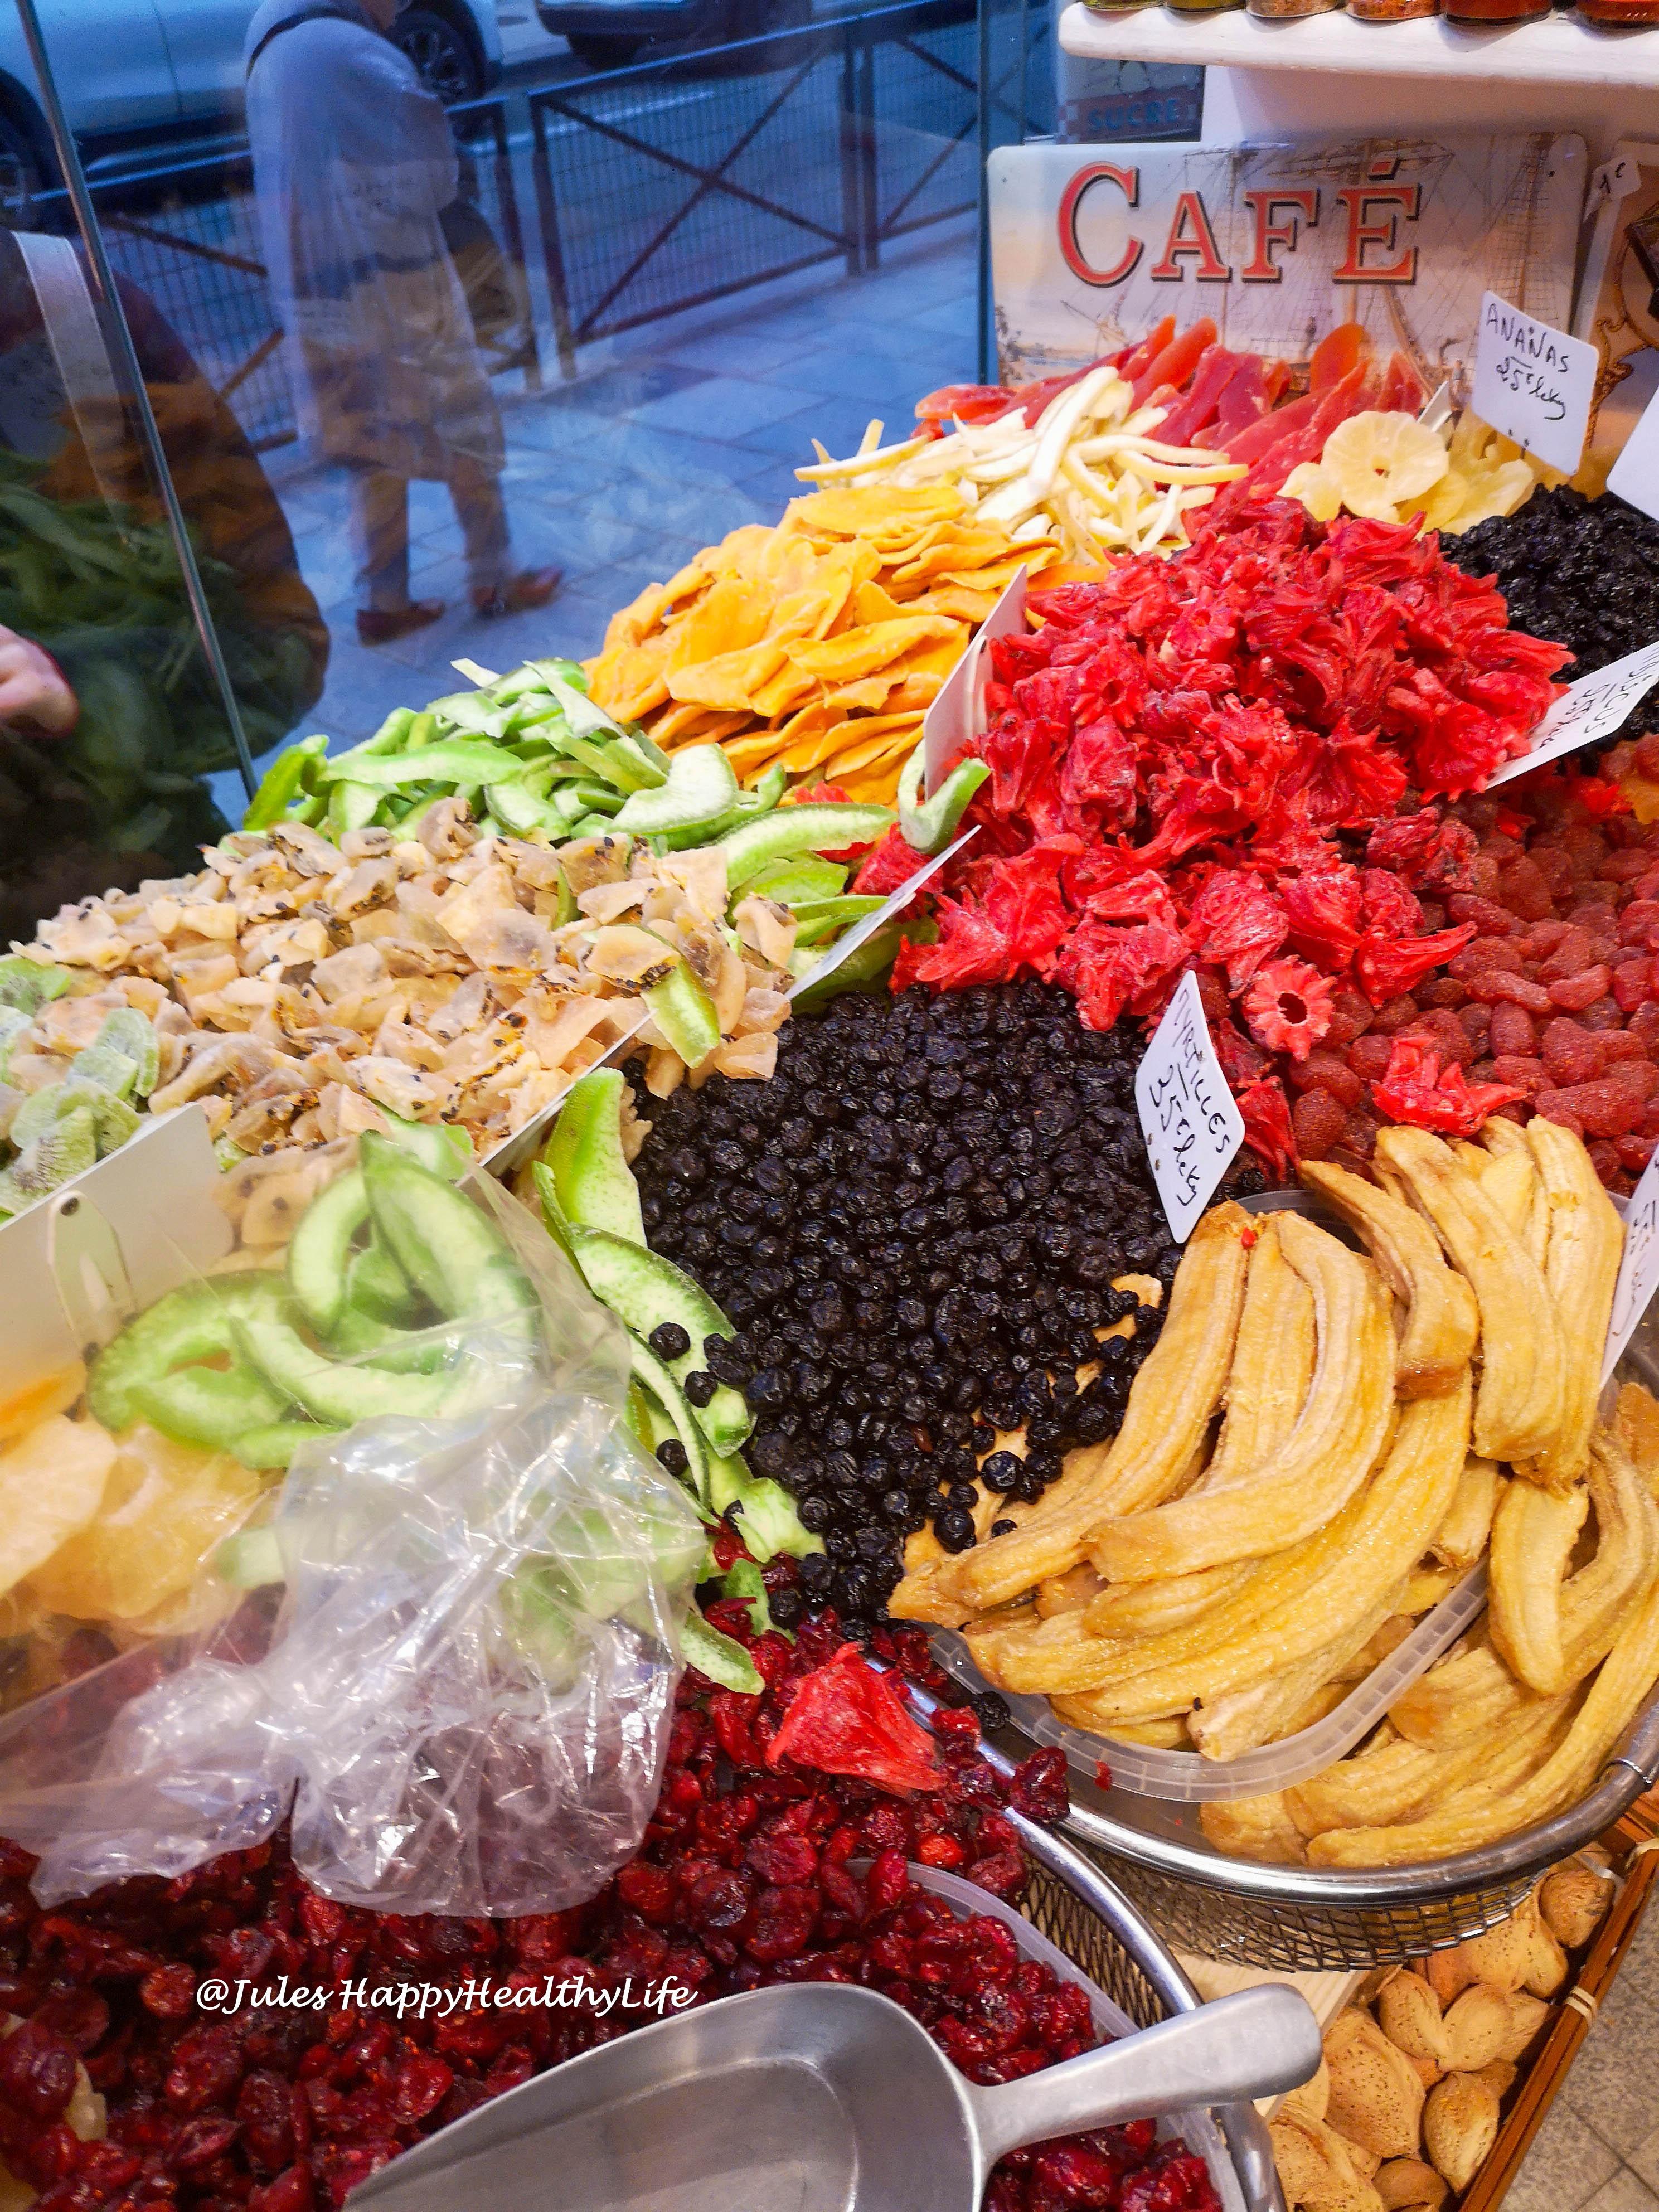 Lebensmittelgeschäft mit Gewürzen und Obst in Paris